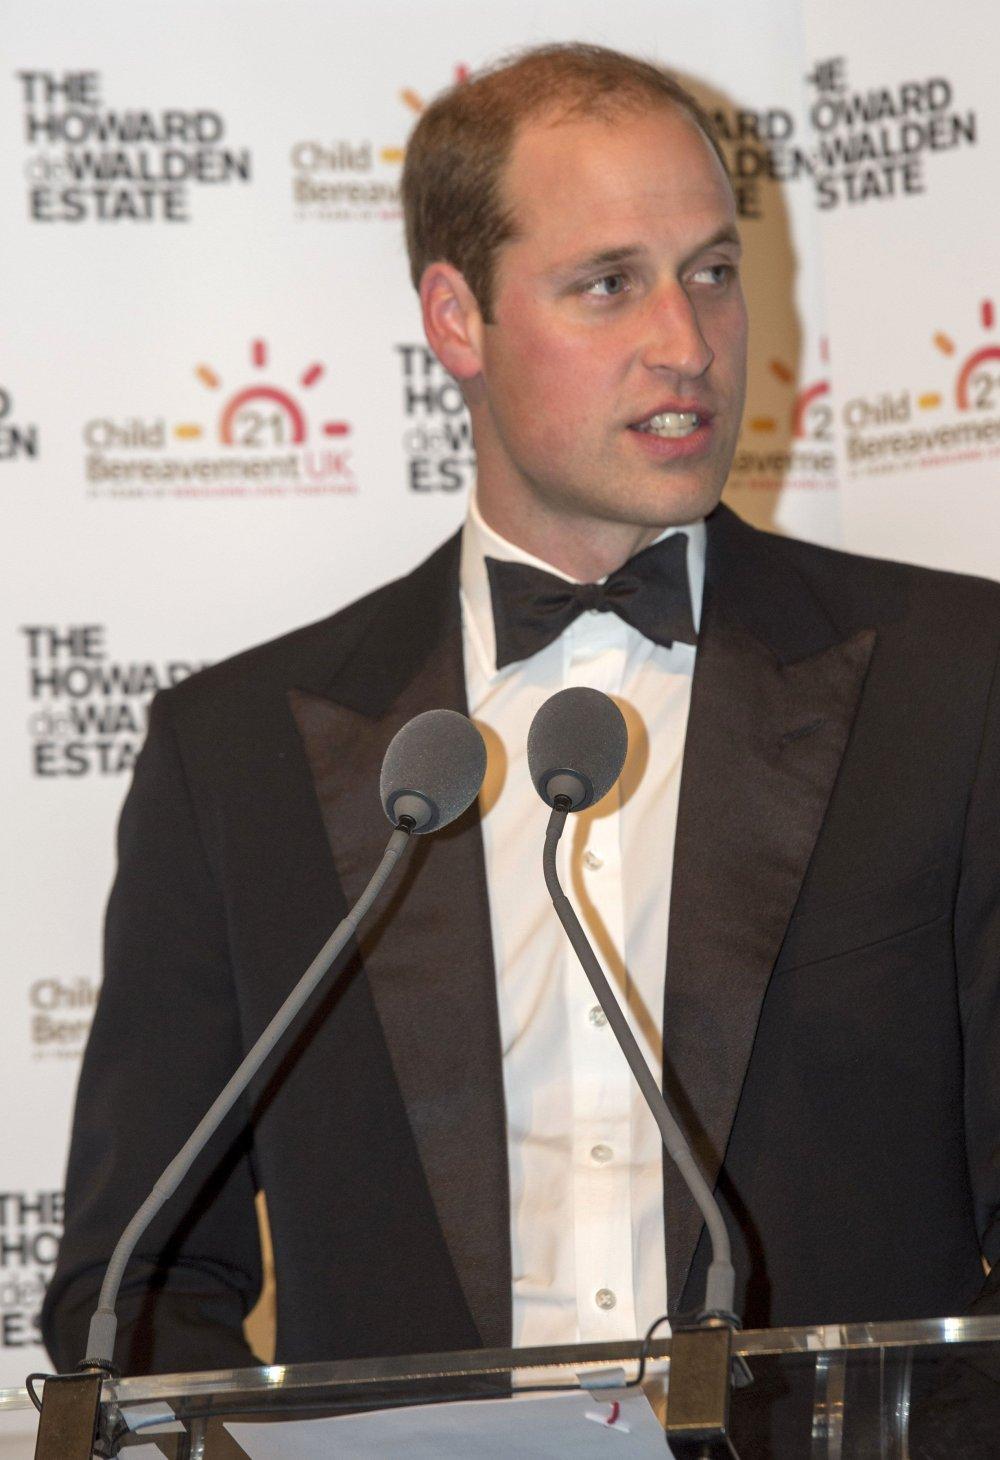 Откровенно: принц Уильям поделился переживаниями, связанными с гибелью его матери